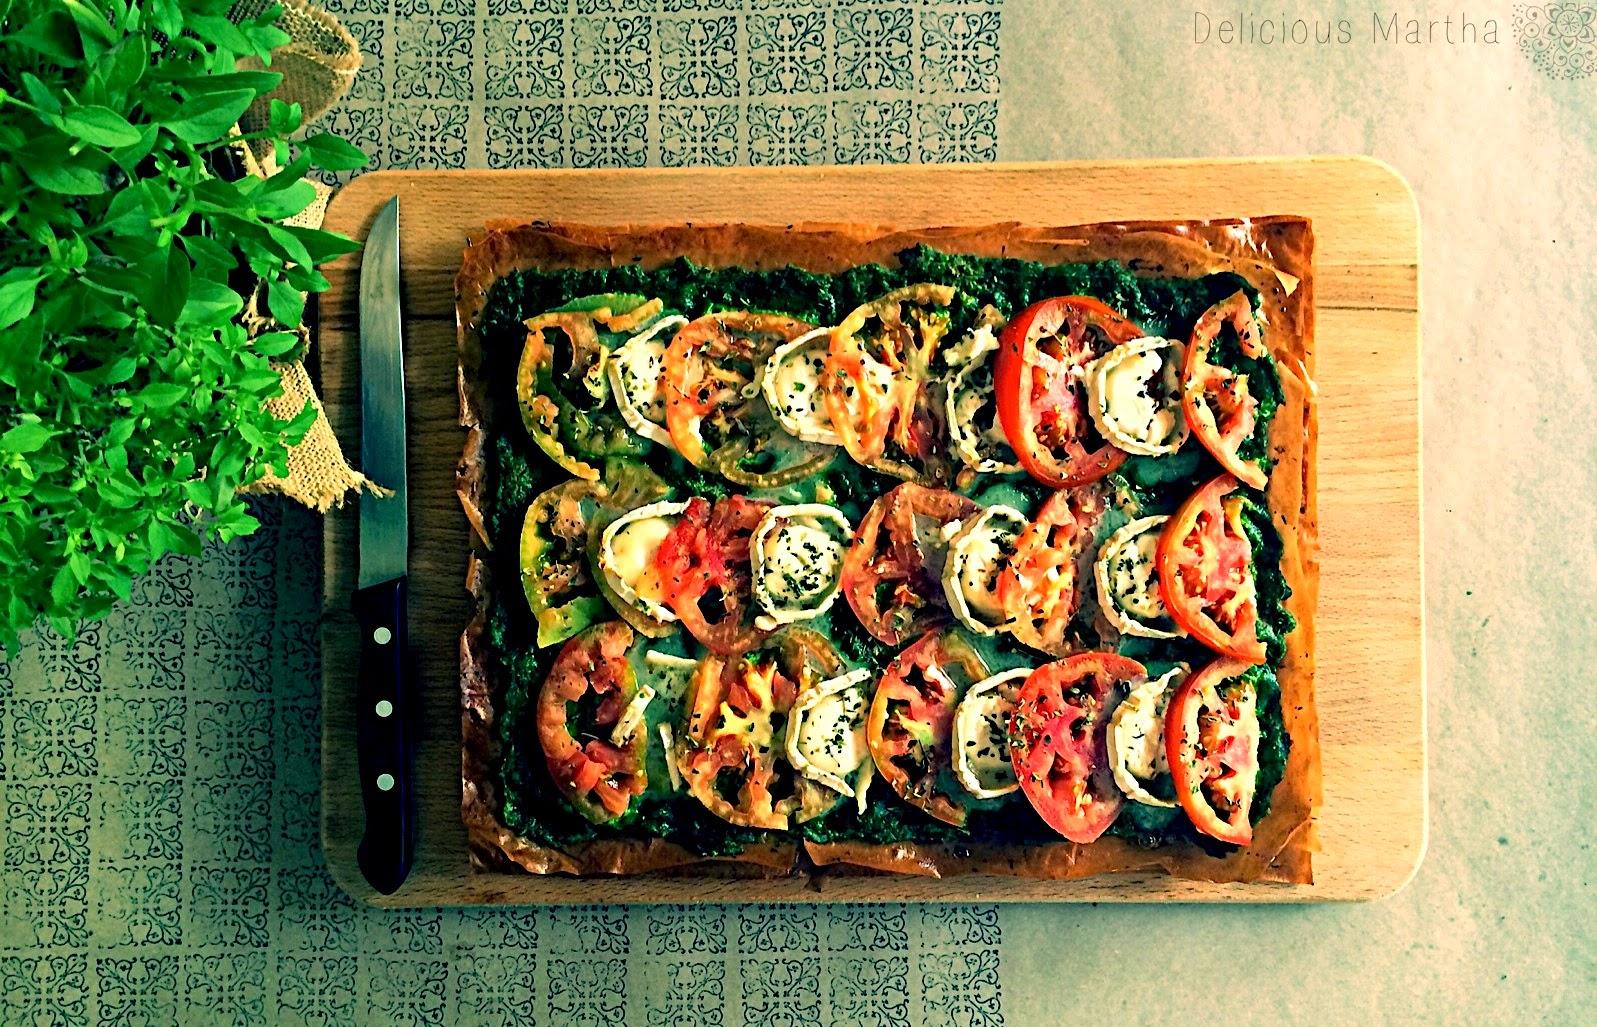 Pizza crujiente y extrafina de queso de cabra y tomillo con pesto de espinacas